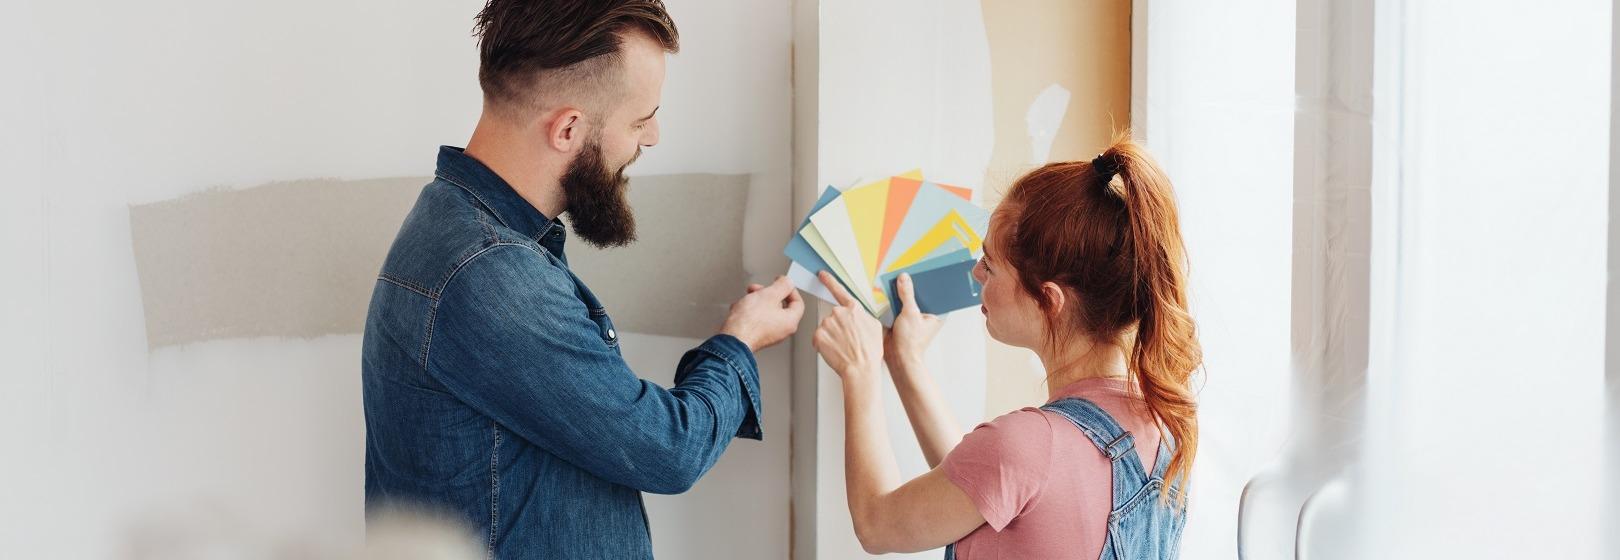 przygotowanie do malowania ścian